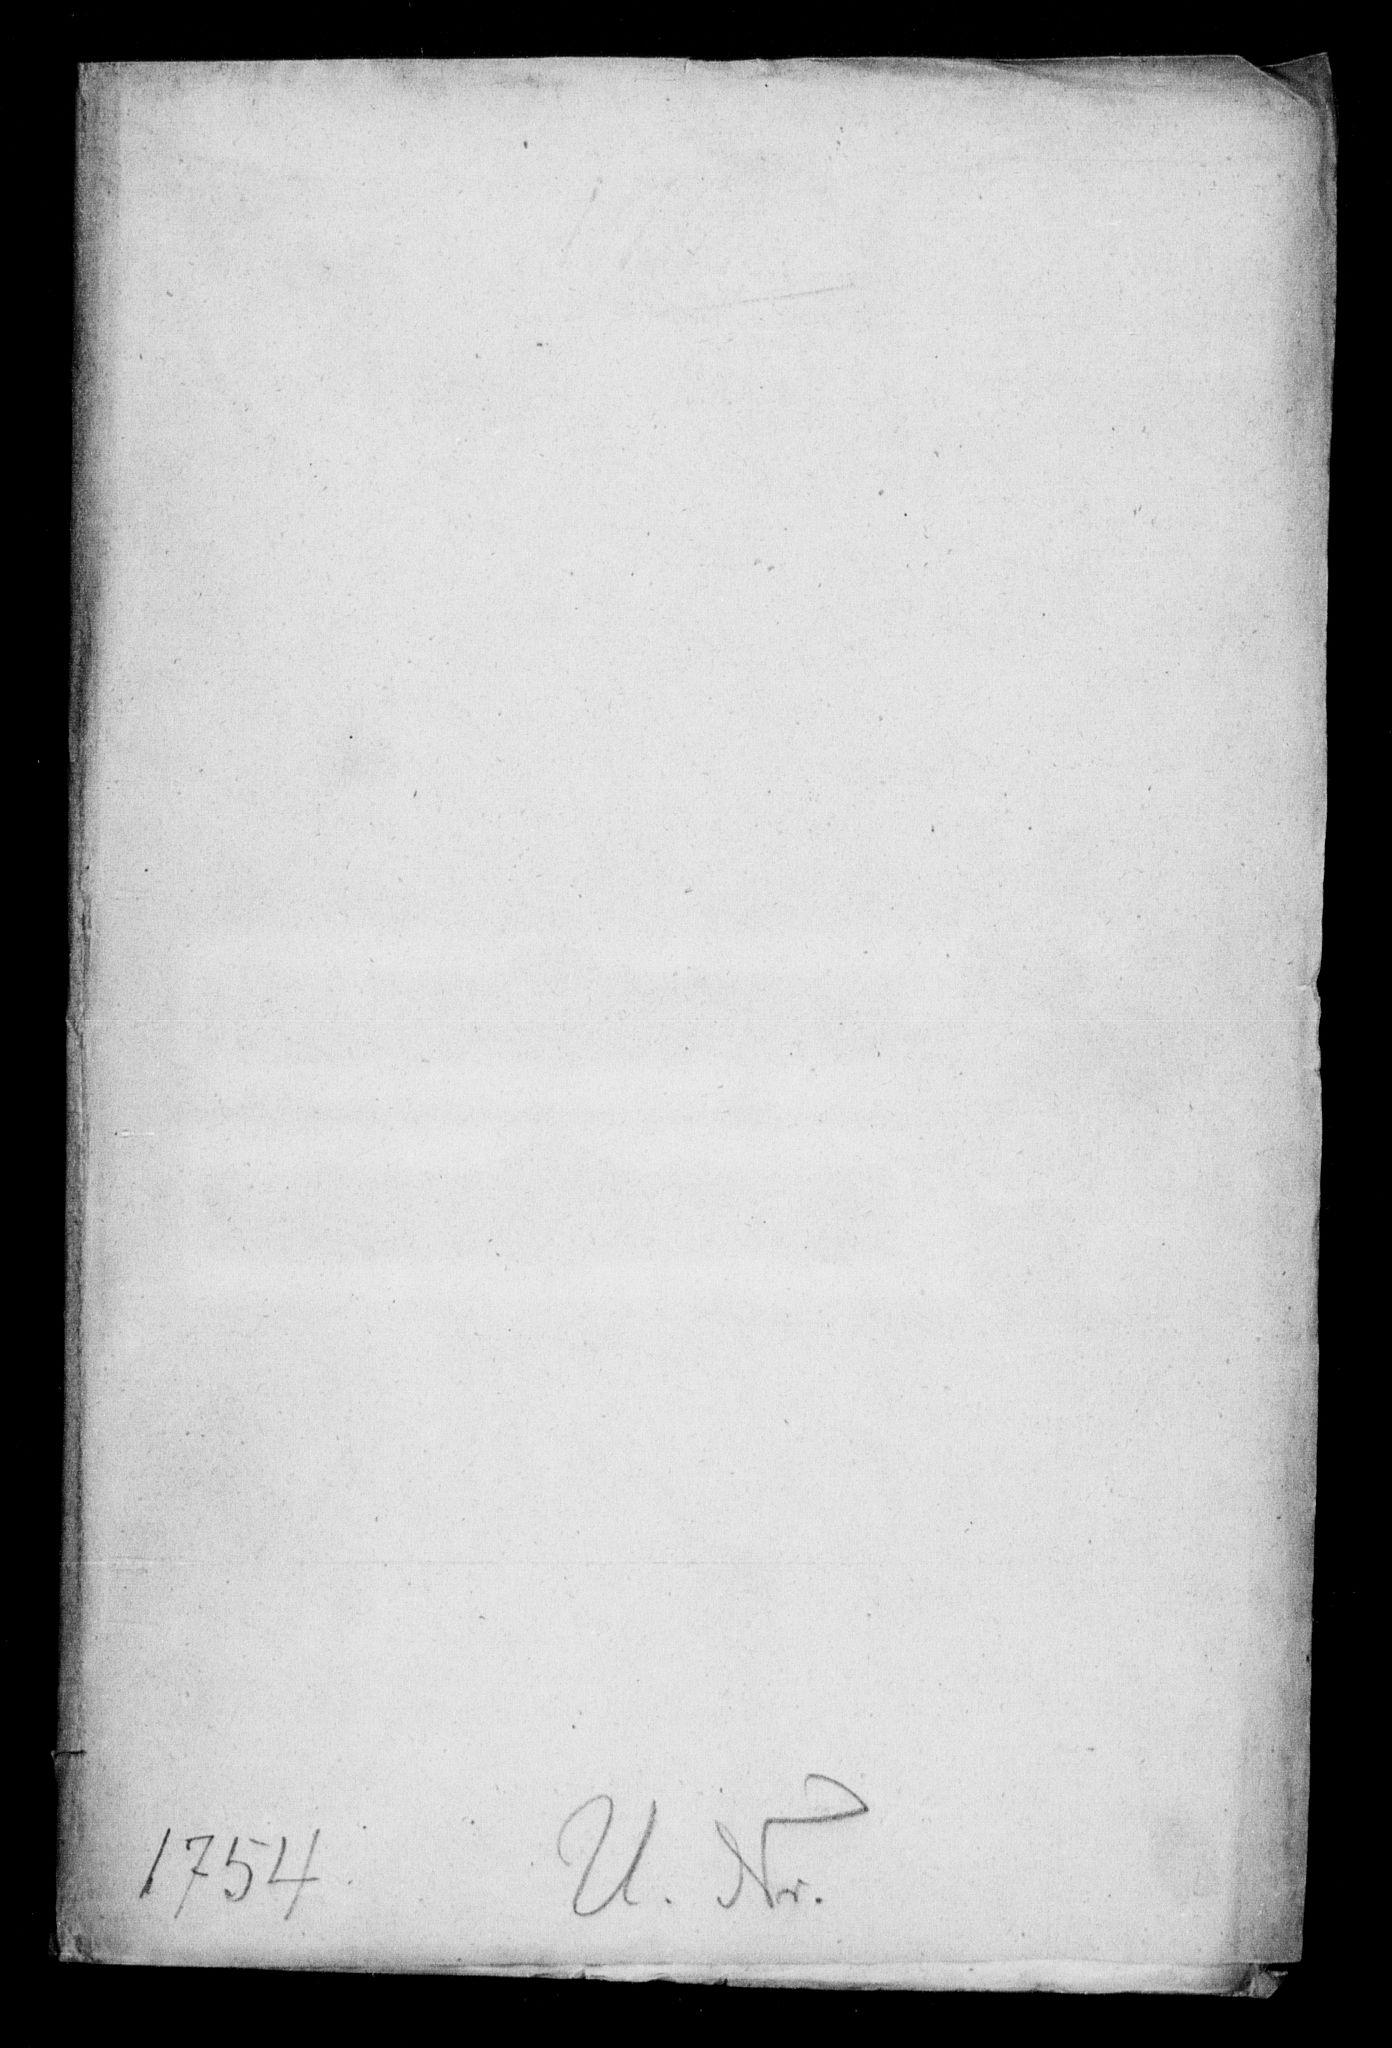 DRA, Generalkirkeinspektionskollegiet, F4-08/F4-08-01: Indkomne sager, 1754